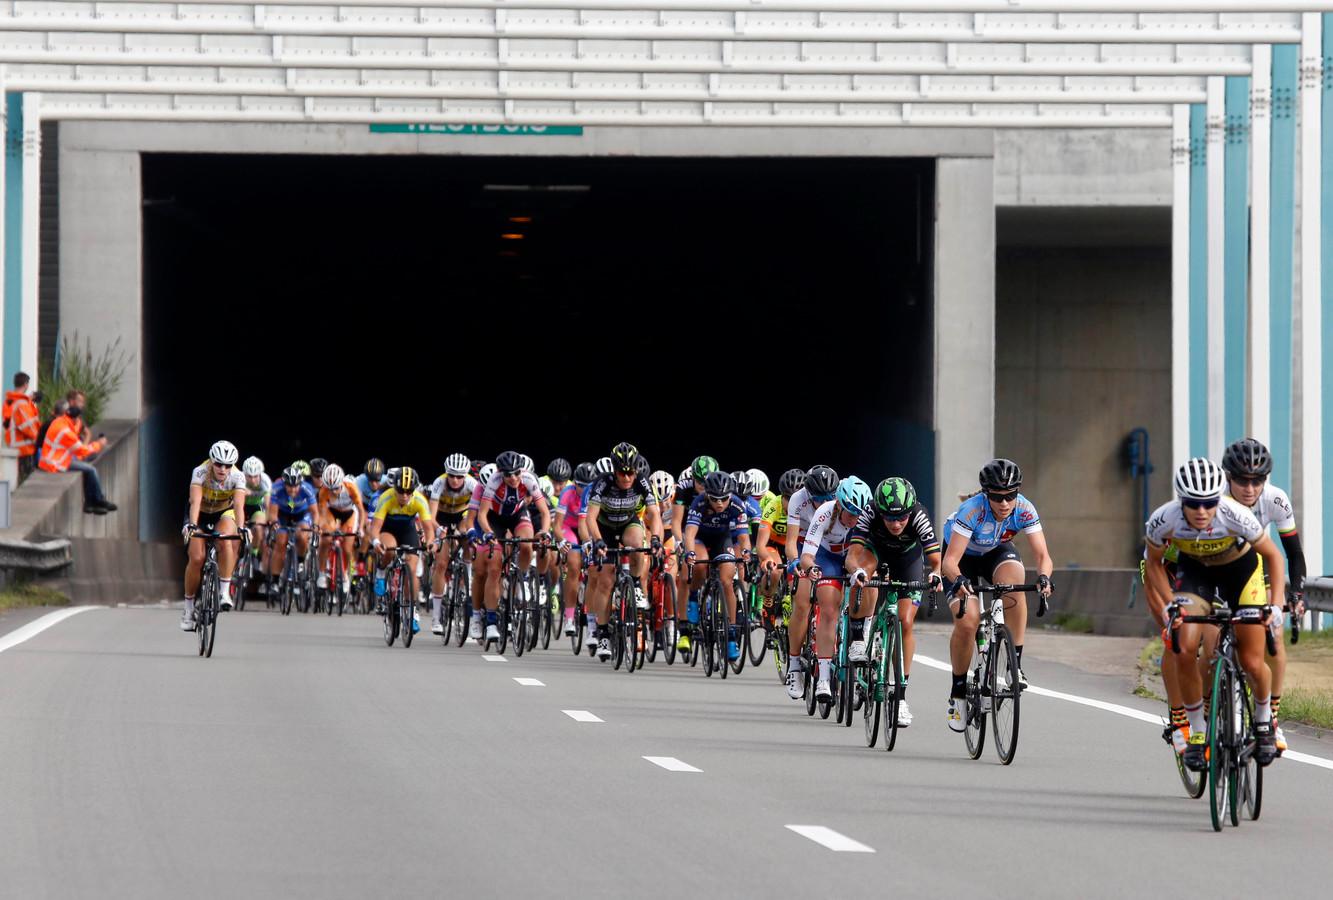 De ZLM Tour gaat morgen door de Westerscheldetunnel. Daar gaat wel eens vaker een wielerkoers doorheen, zoals hier de BeNe Ladies Tour, twee jaar geleden.